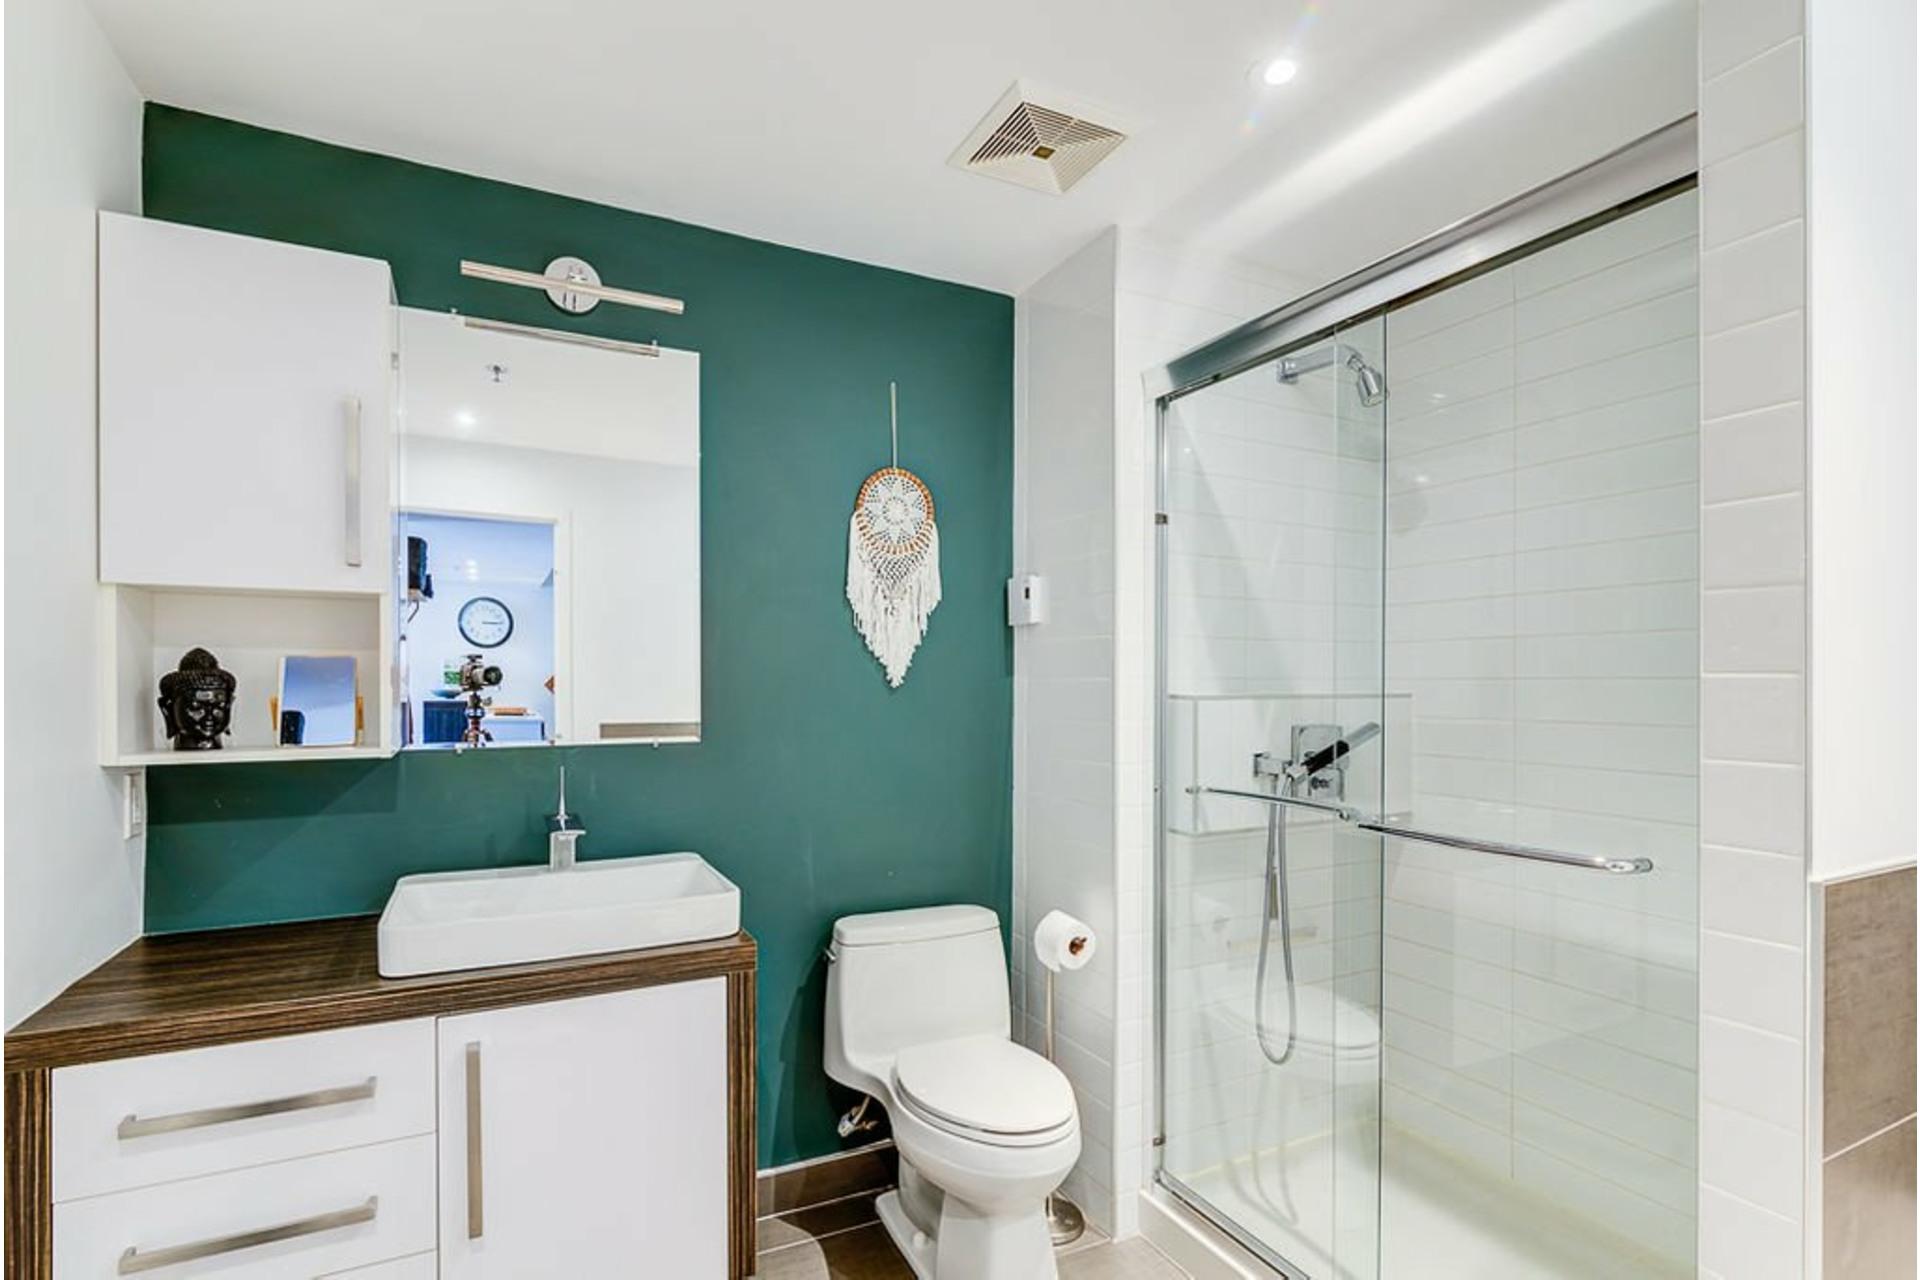 image 17 - Apartment For sale Villeray/Saint-Michel/Parc-Extension Montréal  - 4 rooms